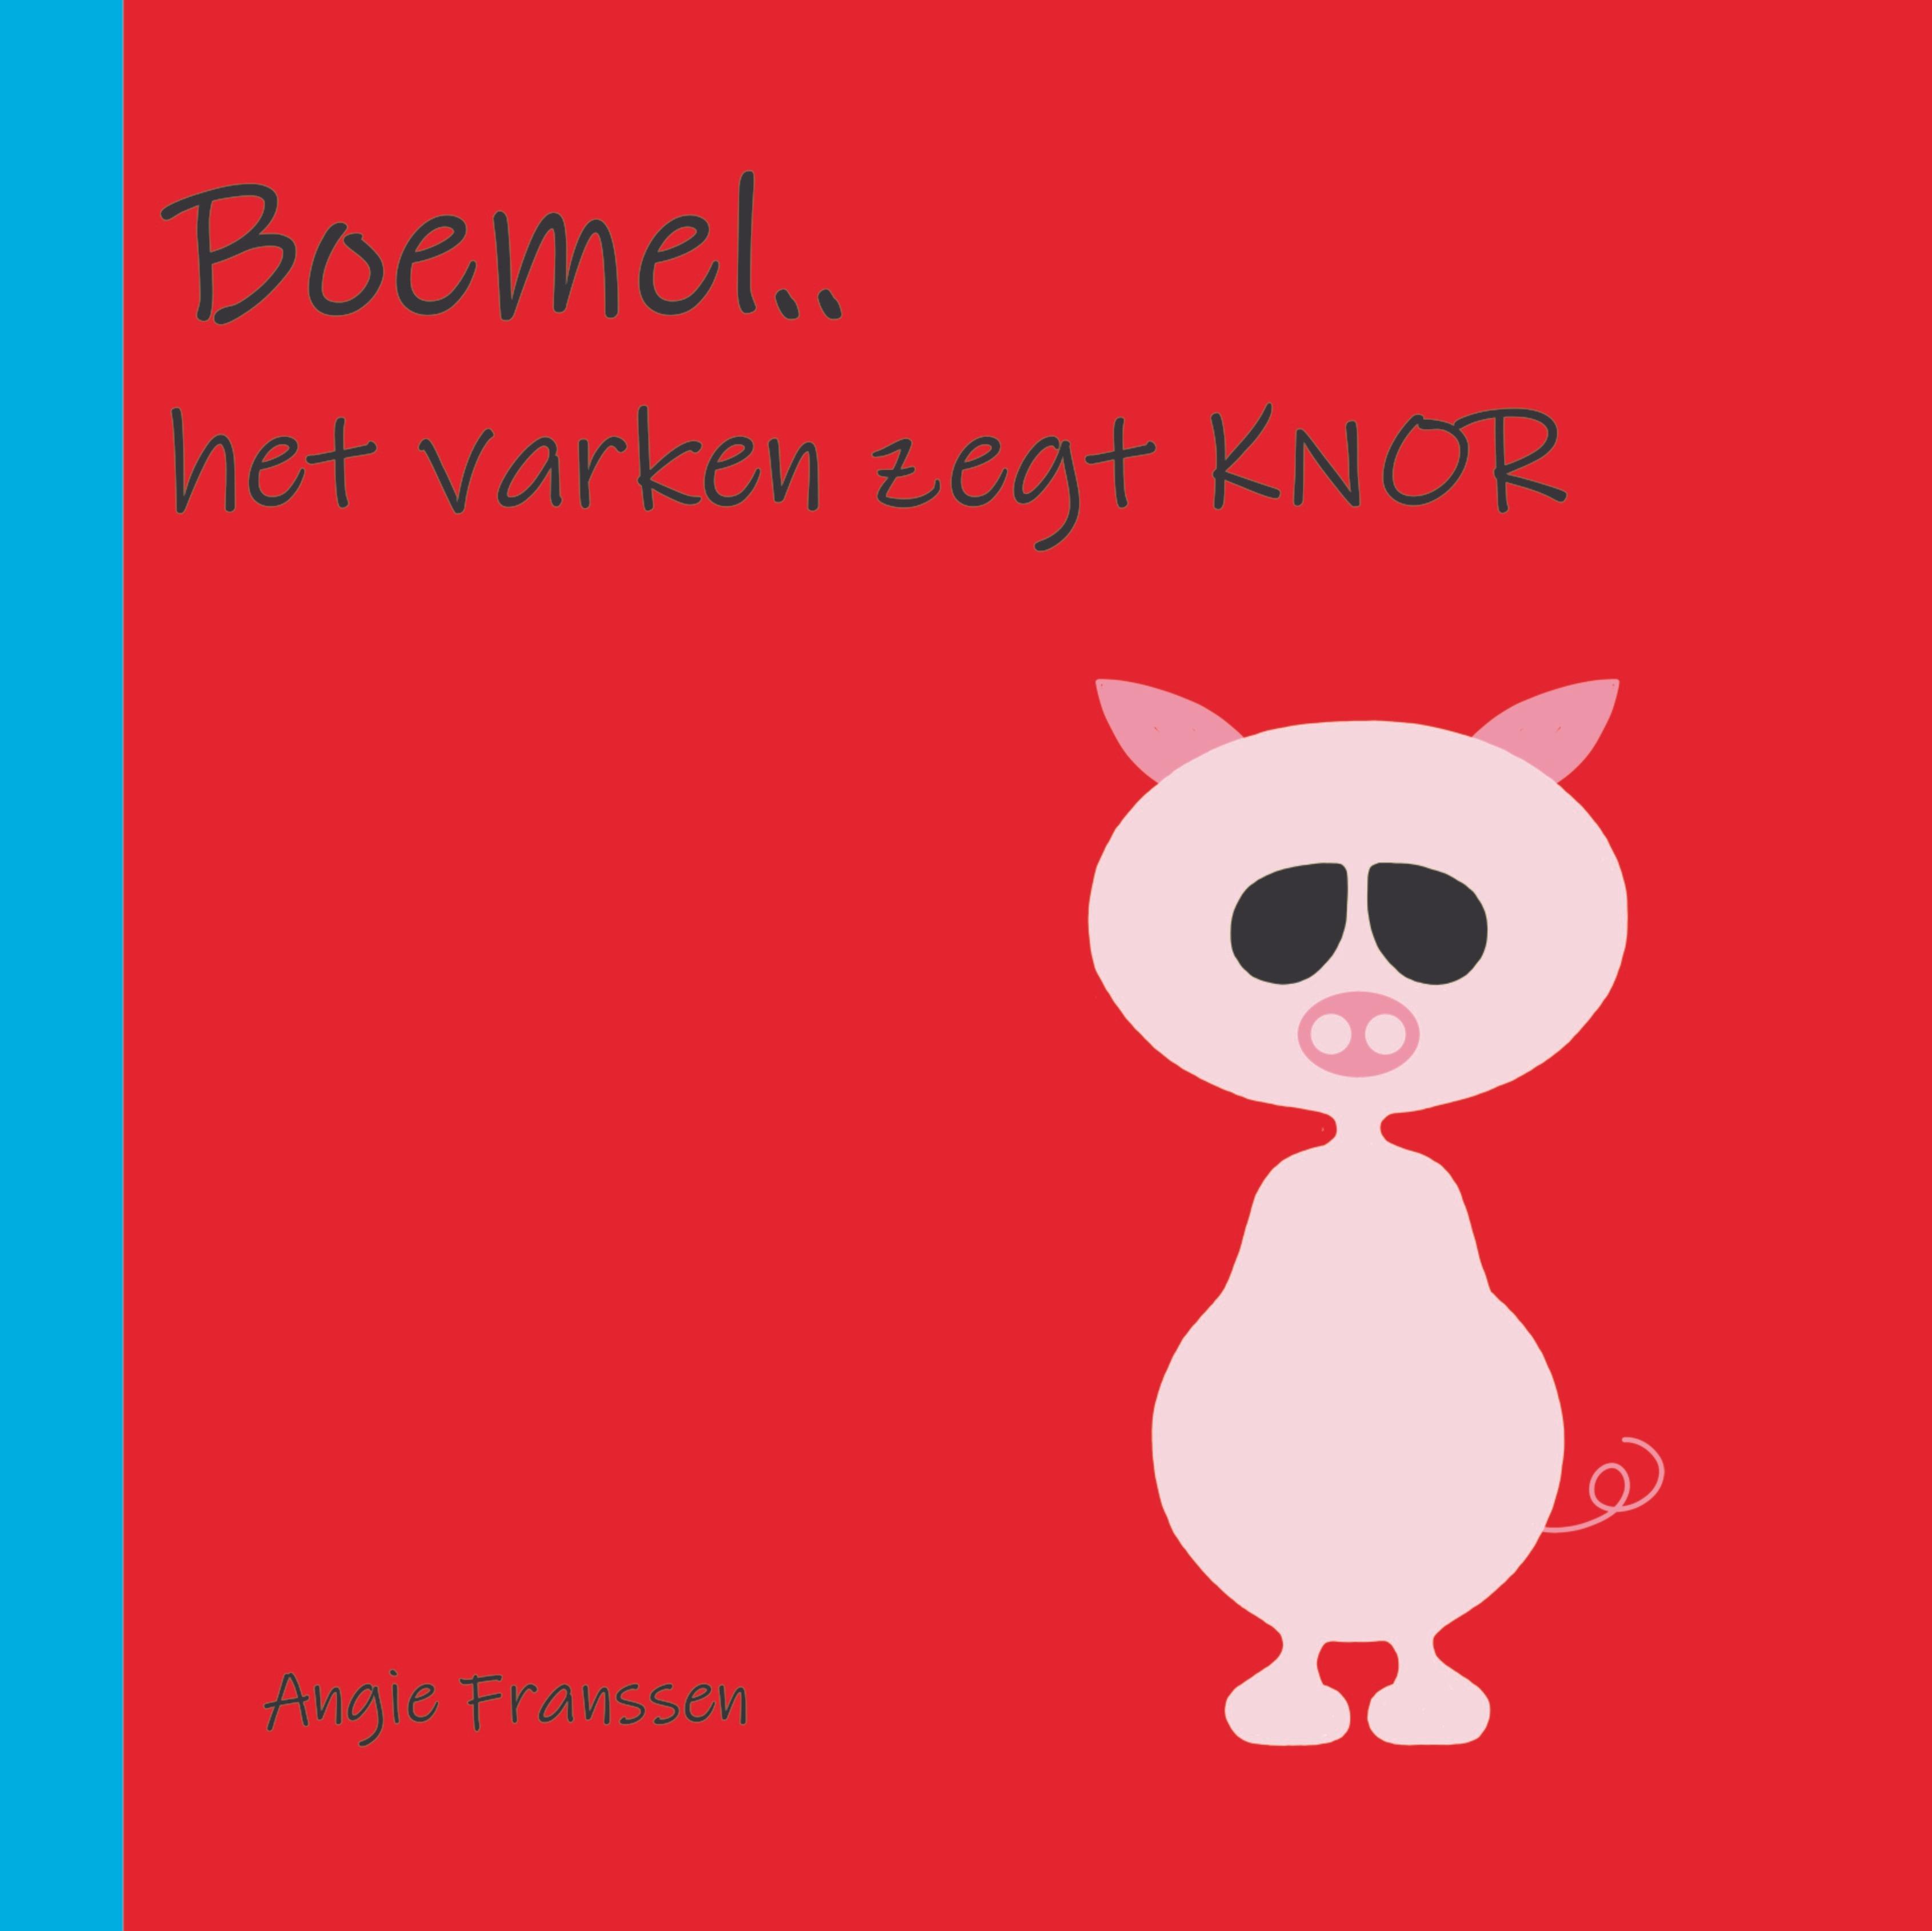 Boemel, het varken zegt knor